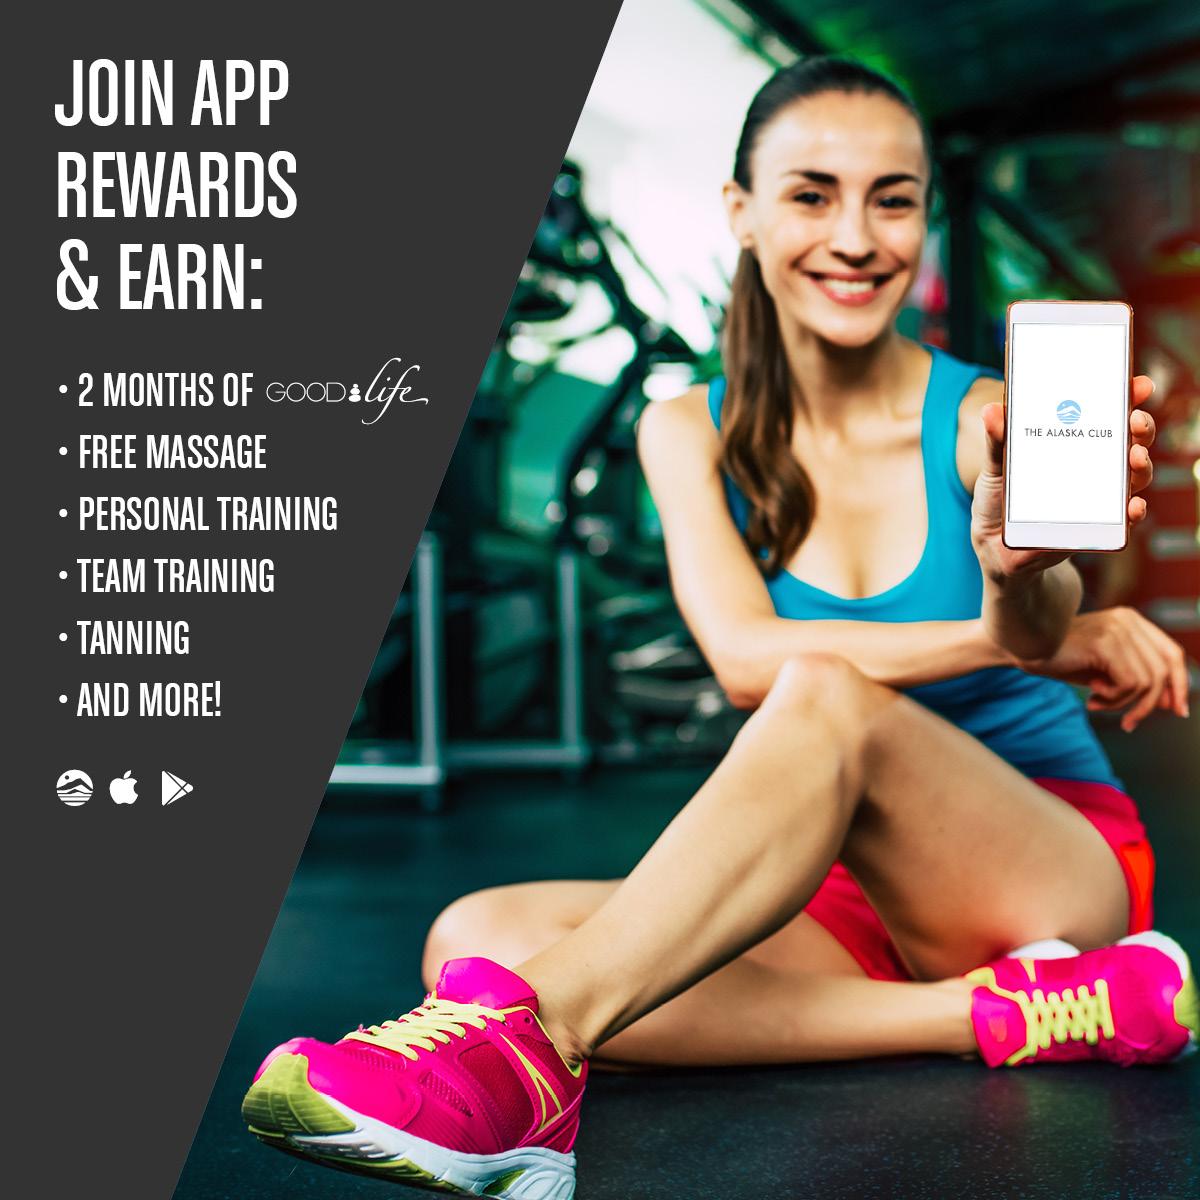 The Alaska Club App Rewards